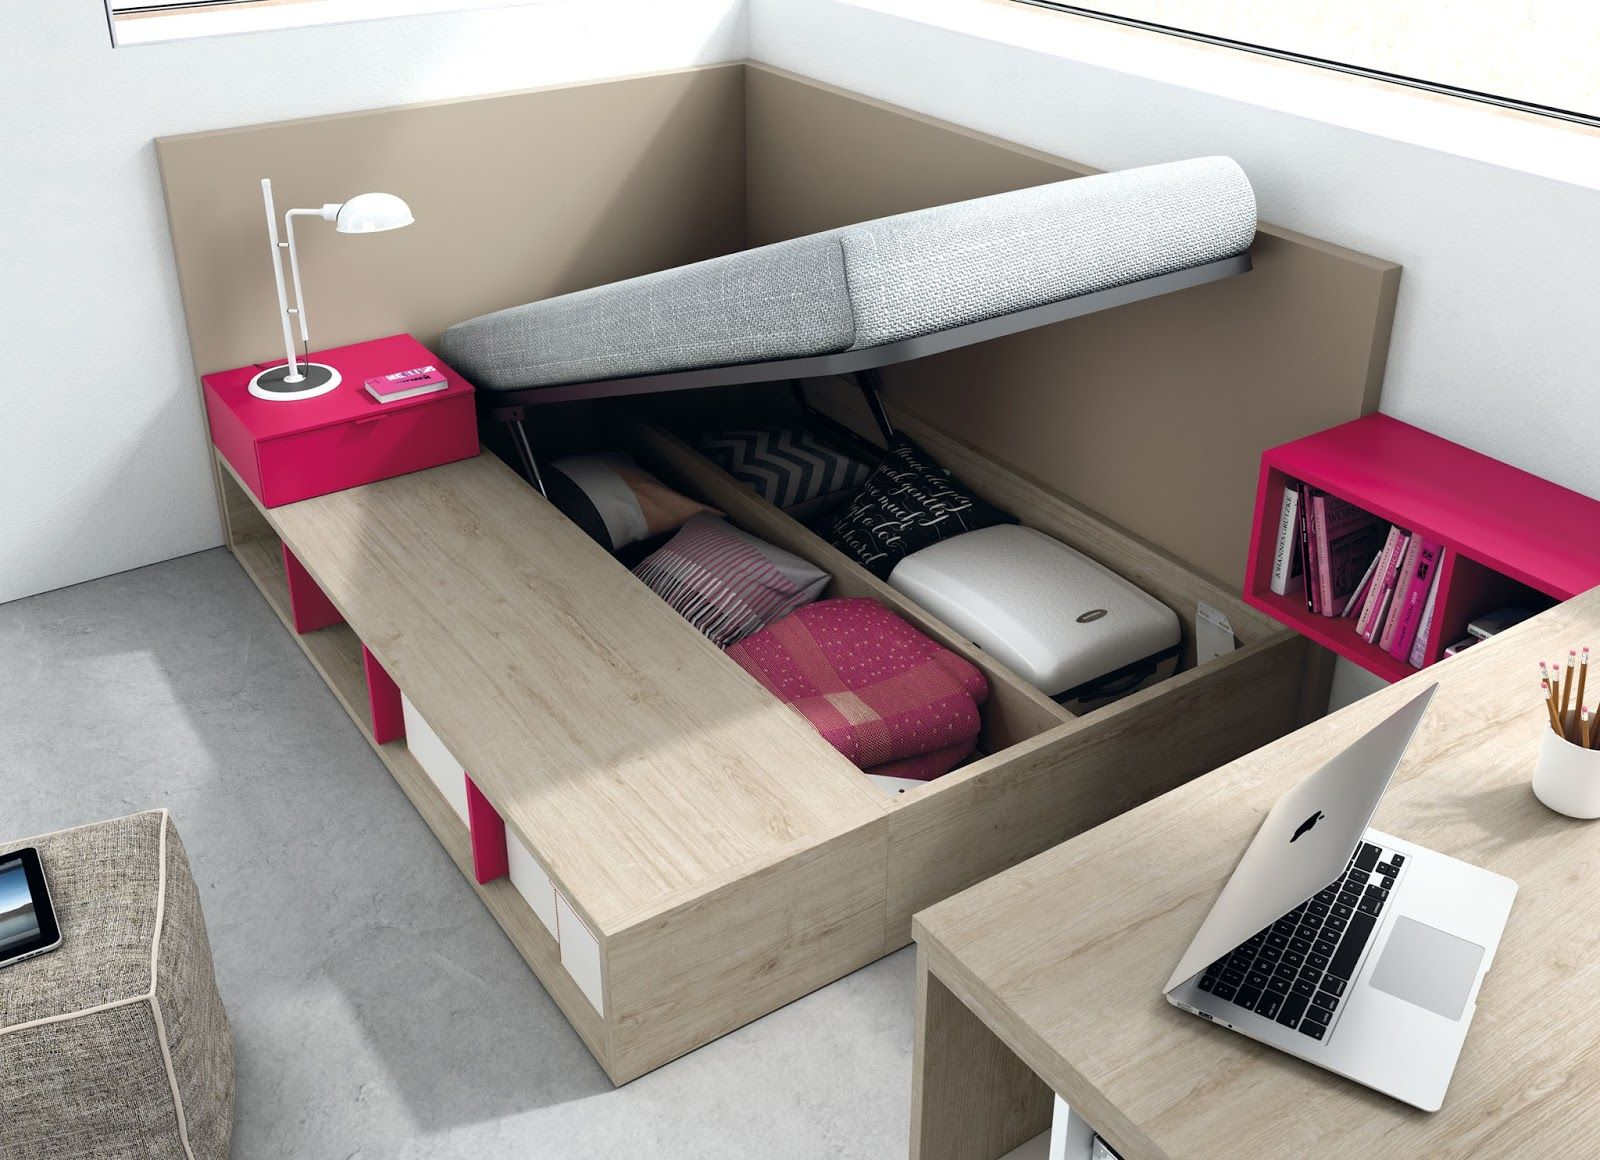 Dormitorios juveniles e infantiles tegar mobel camas - Dormitorios juveniles ninas ...